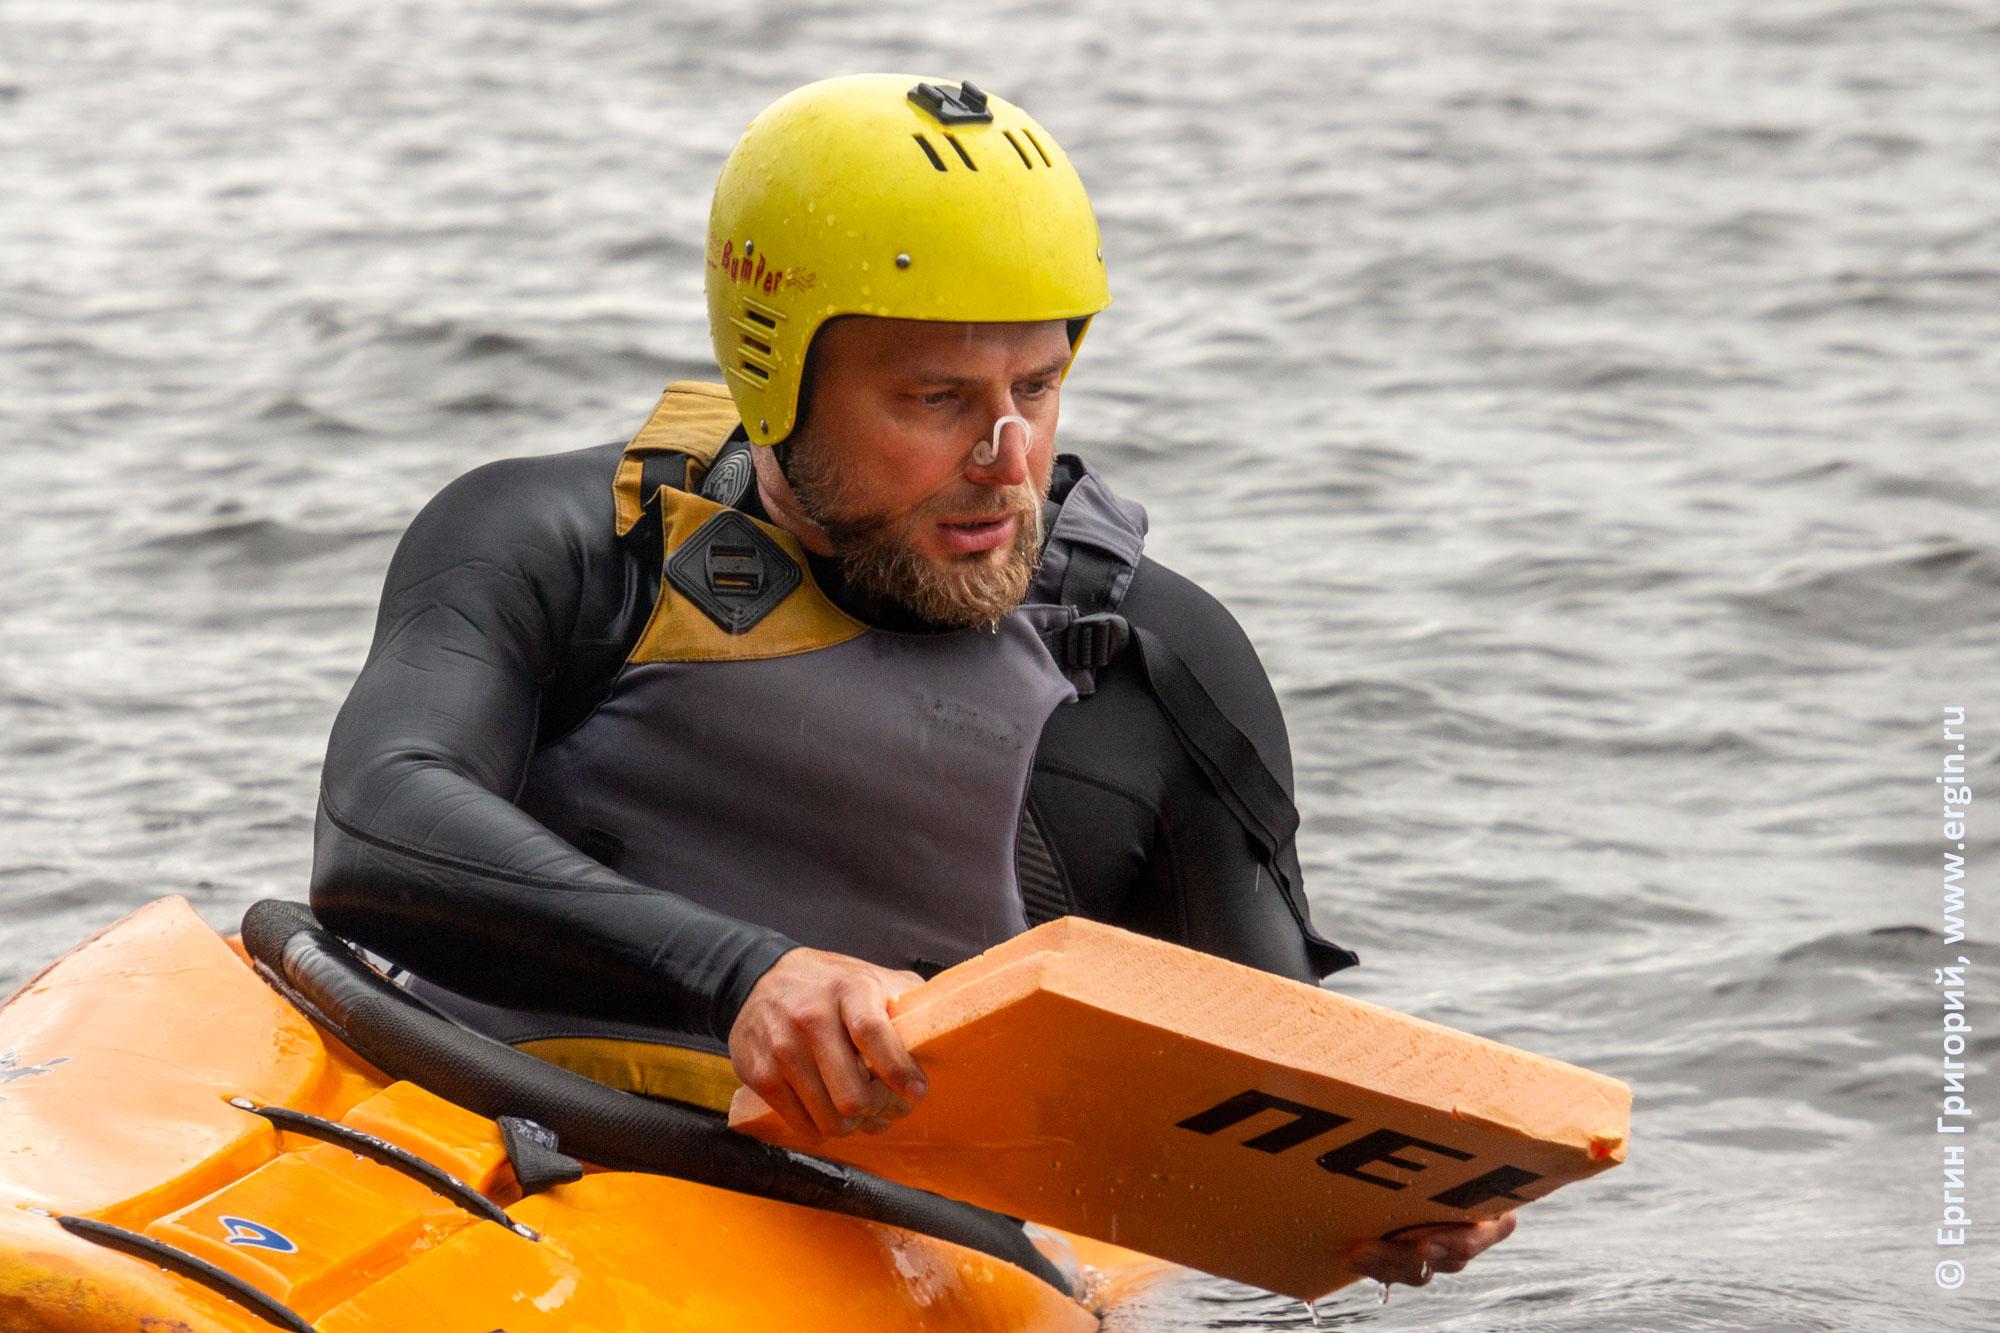 Новичок-каякер встает на каяке с досочкой для плавания